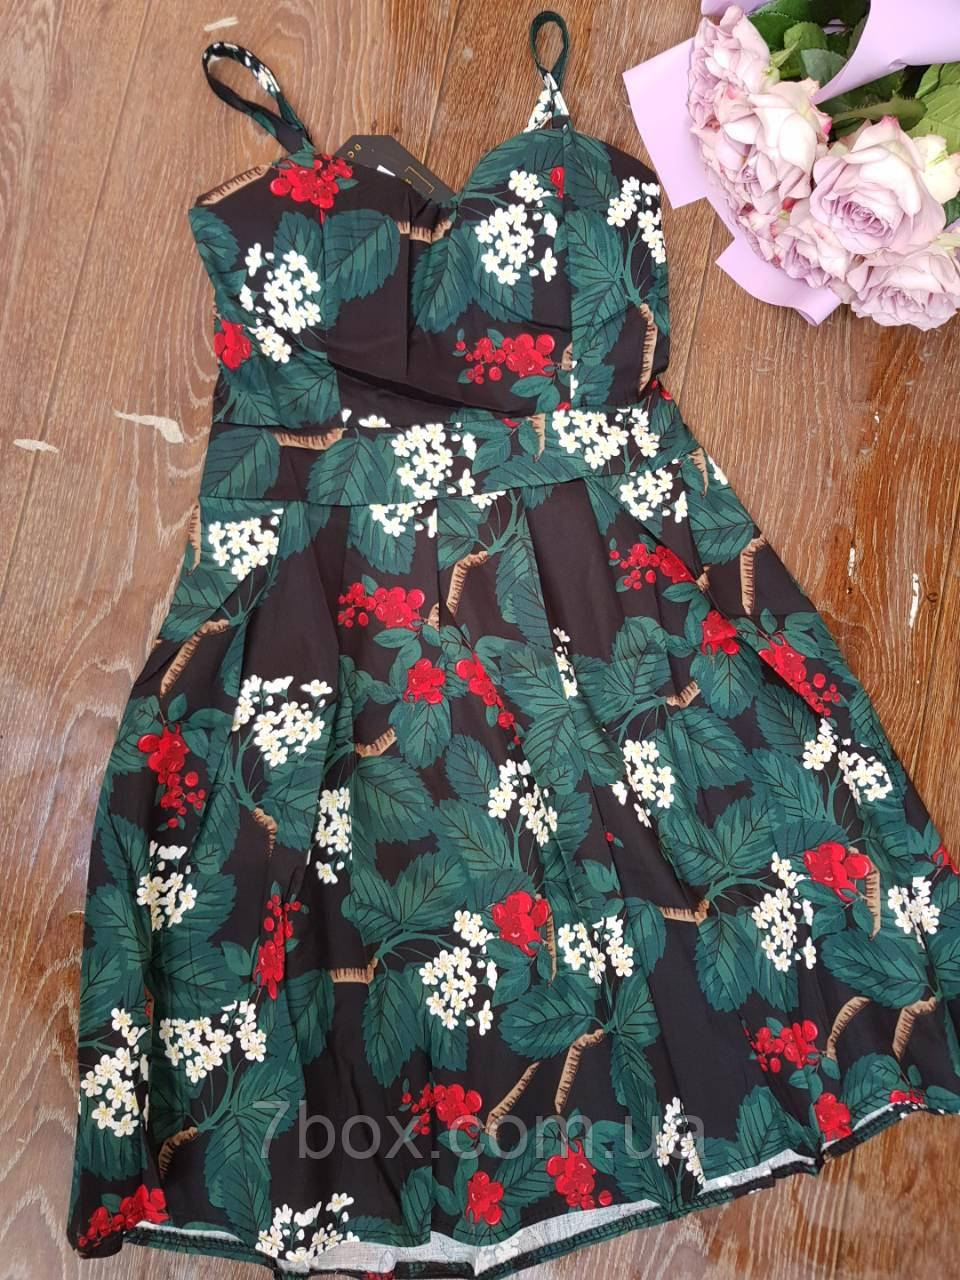 Женское платье сарафан лето с плотным лифом. Норма 44-46 Зеленый